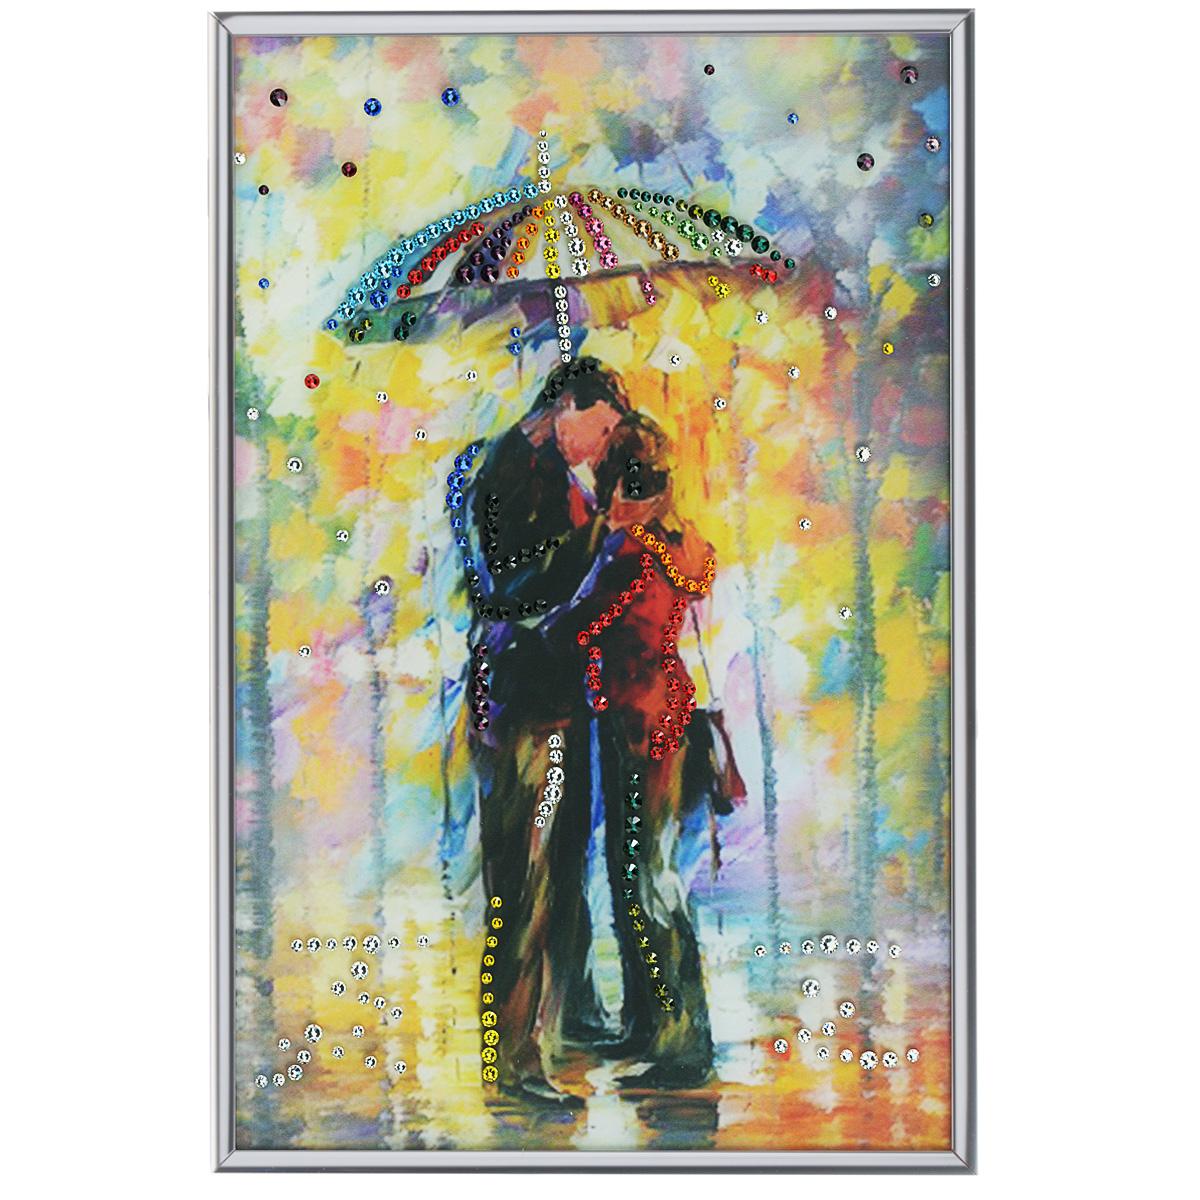 Картина с кристаллами Swarovski Под зонтом, 20 см х 30 смPM-3001Изящная картина в алюминиевой раме Под зонтом инкрустирована кристаллами Swarovski, которые отличаются четкой и ровной огранкой, ярким блеском и чистотой цвета. Идеально подобранная палитра кристаллов прекрасно дополняет картину. С задней стороны изделие оснащено специальной металлической петелькой для размещения на стене. Картина с кристаллами Swarovski элегантно украсит интерьер дома, а также станет прекрасным подарком, который обязательно понравится получателю. Блеск кристаллов в интерьере - что может быть сказочнее и удивительнее. Изделие упаковано в подарочную картонную коробку синего цвета и комплектуется сертификатом соответствия Swarovski.